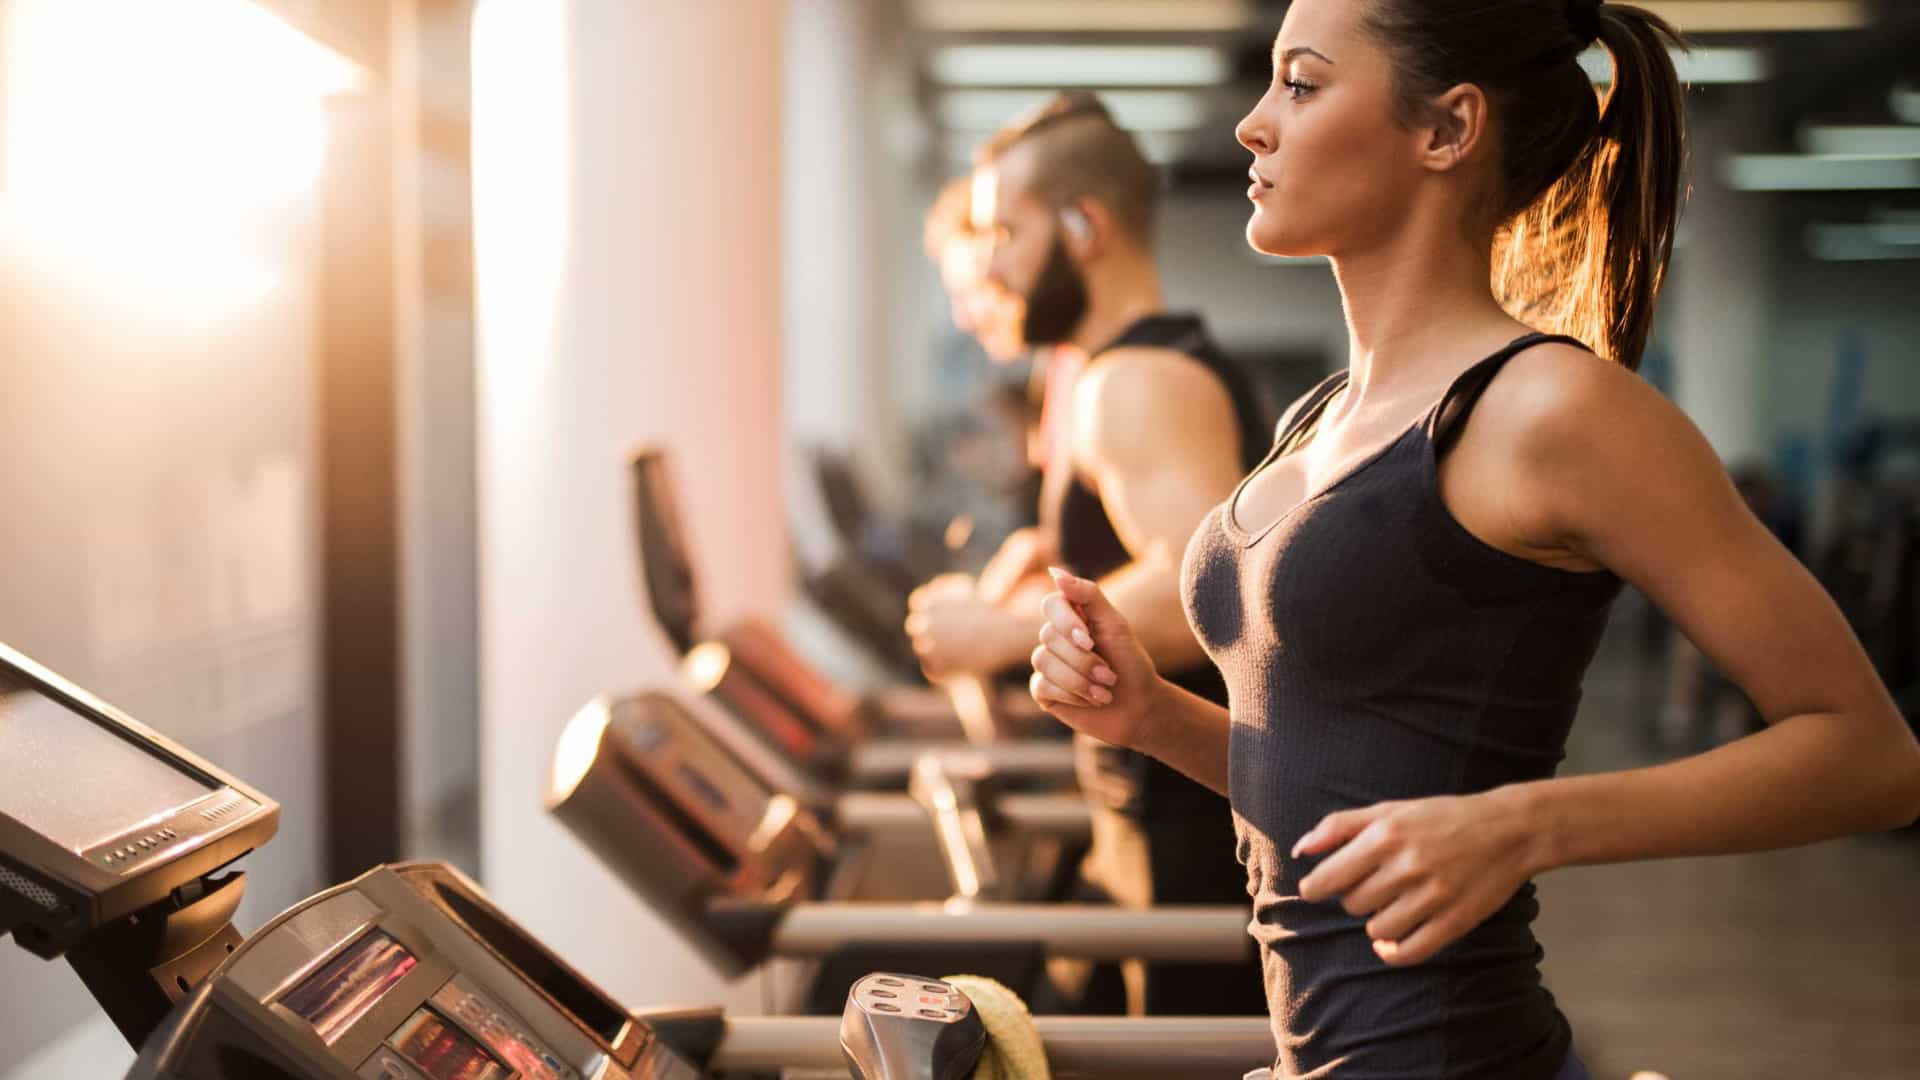 Quer começar a treinar? Eis nove passos essenciais